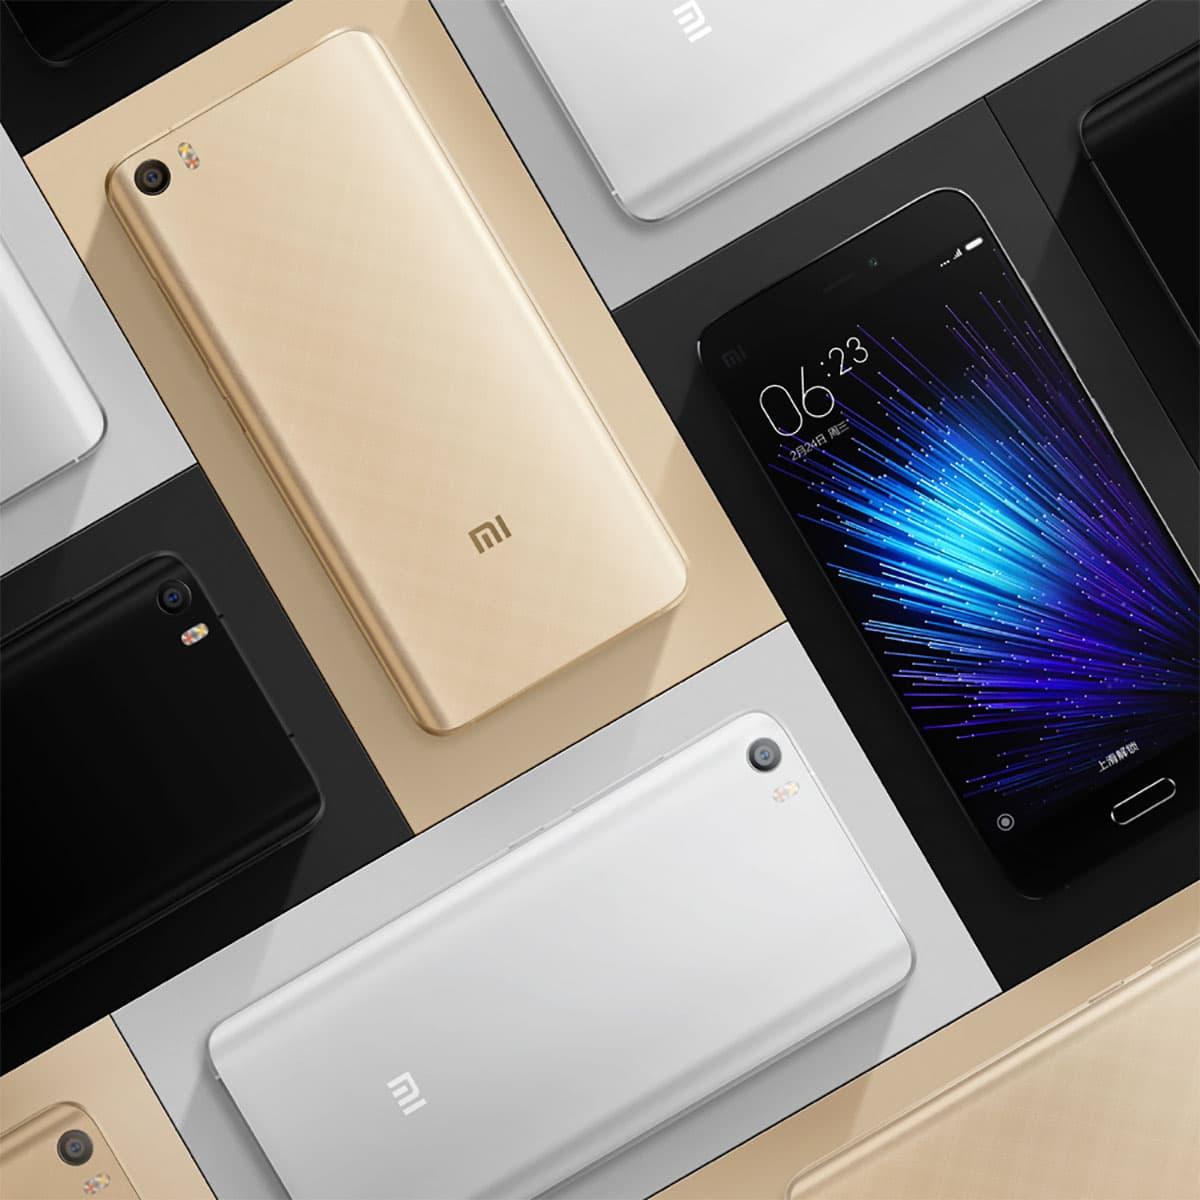 Photo of Xiaomi Mi5: Smartphone mit viel Leistung zum kleinen Preis [Werbung]